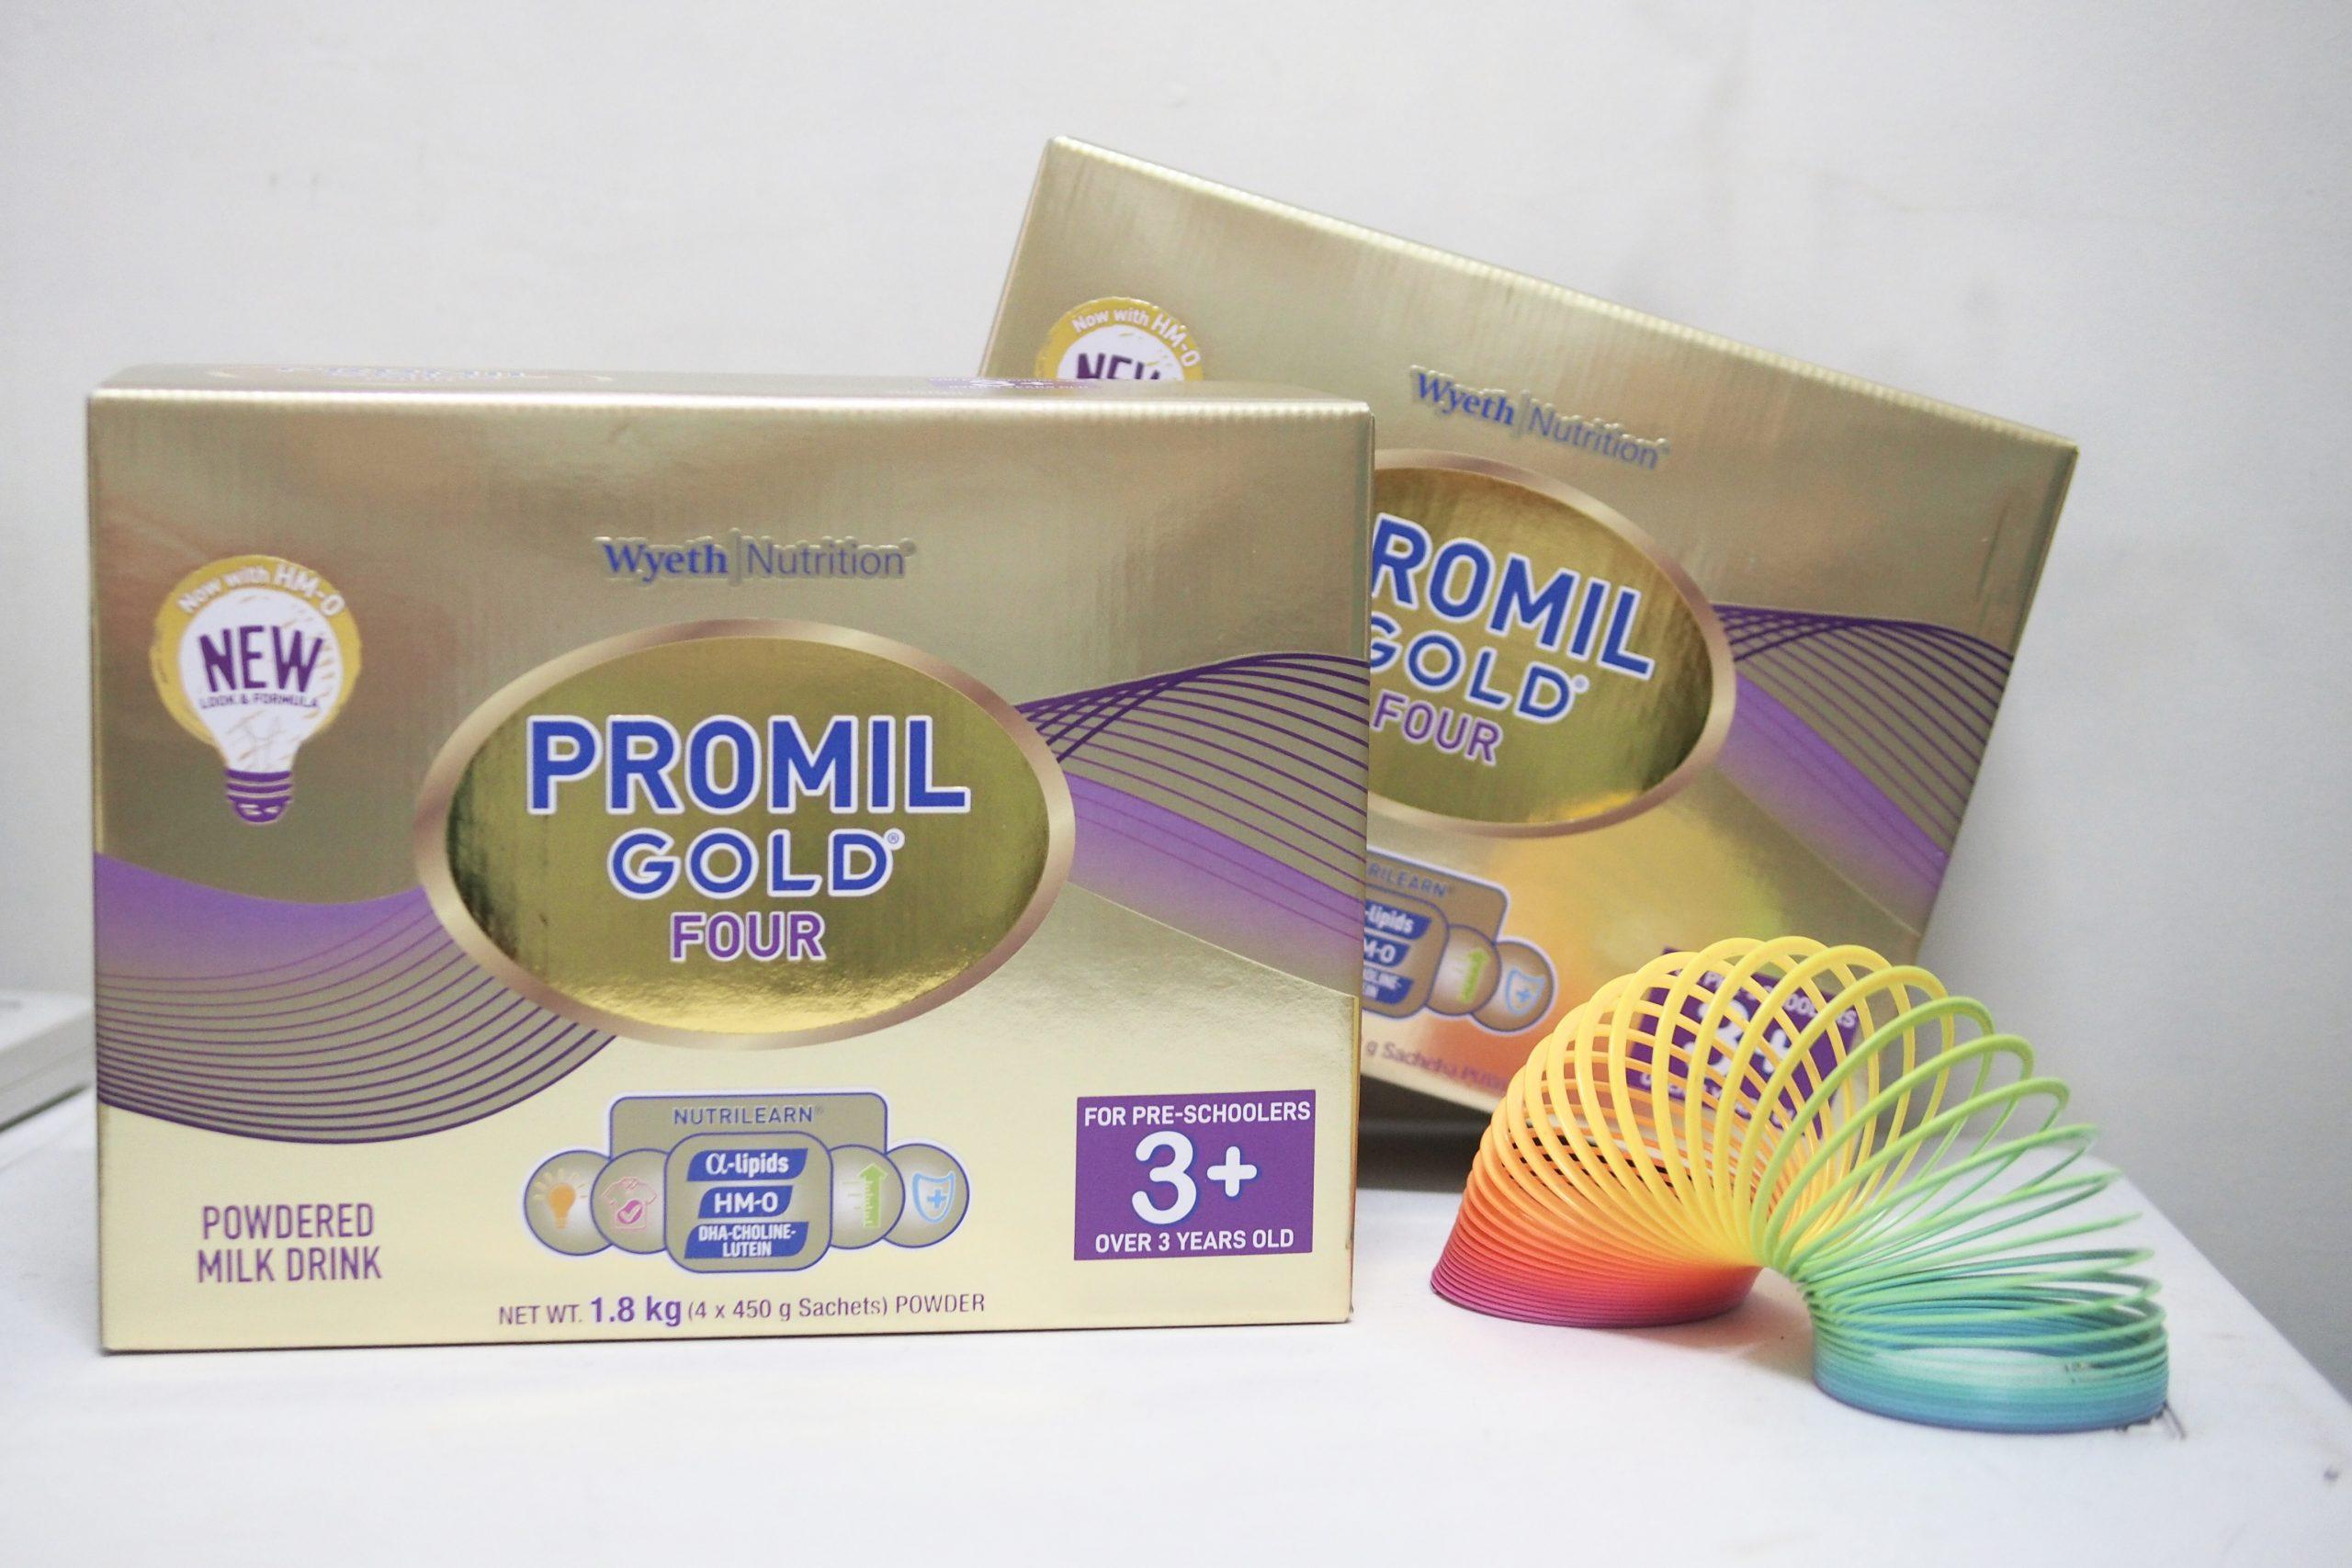 Shopee 9.9: #NurtureTheGift with Promil's Super Shopping Deals